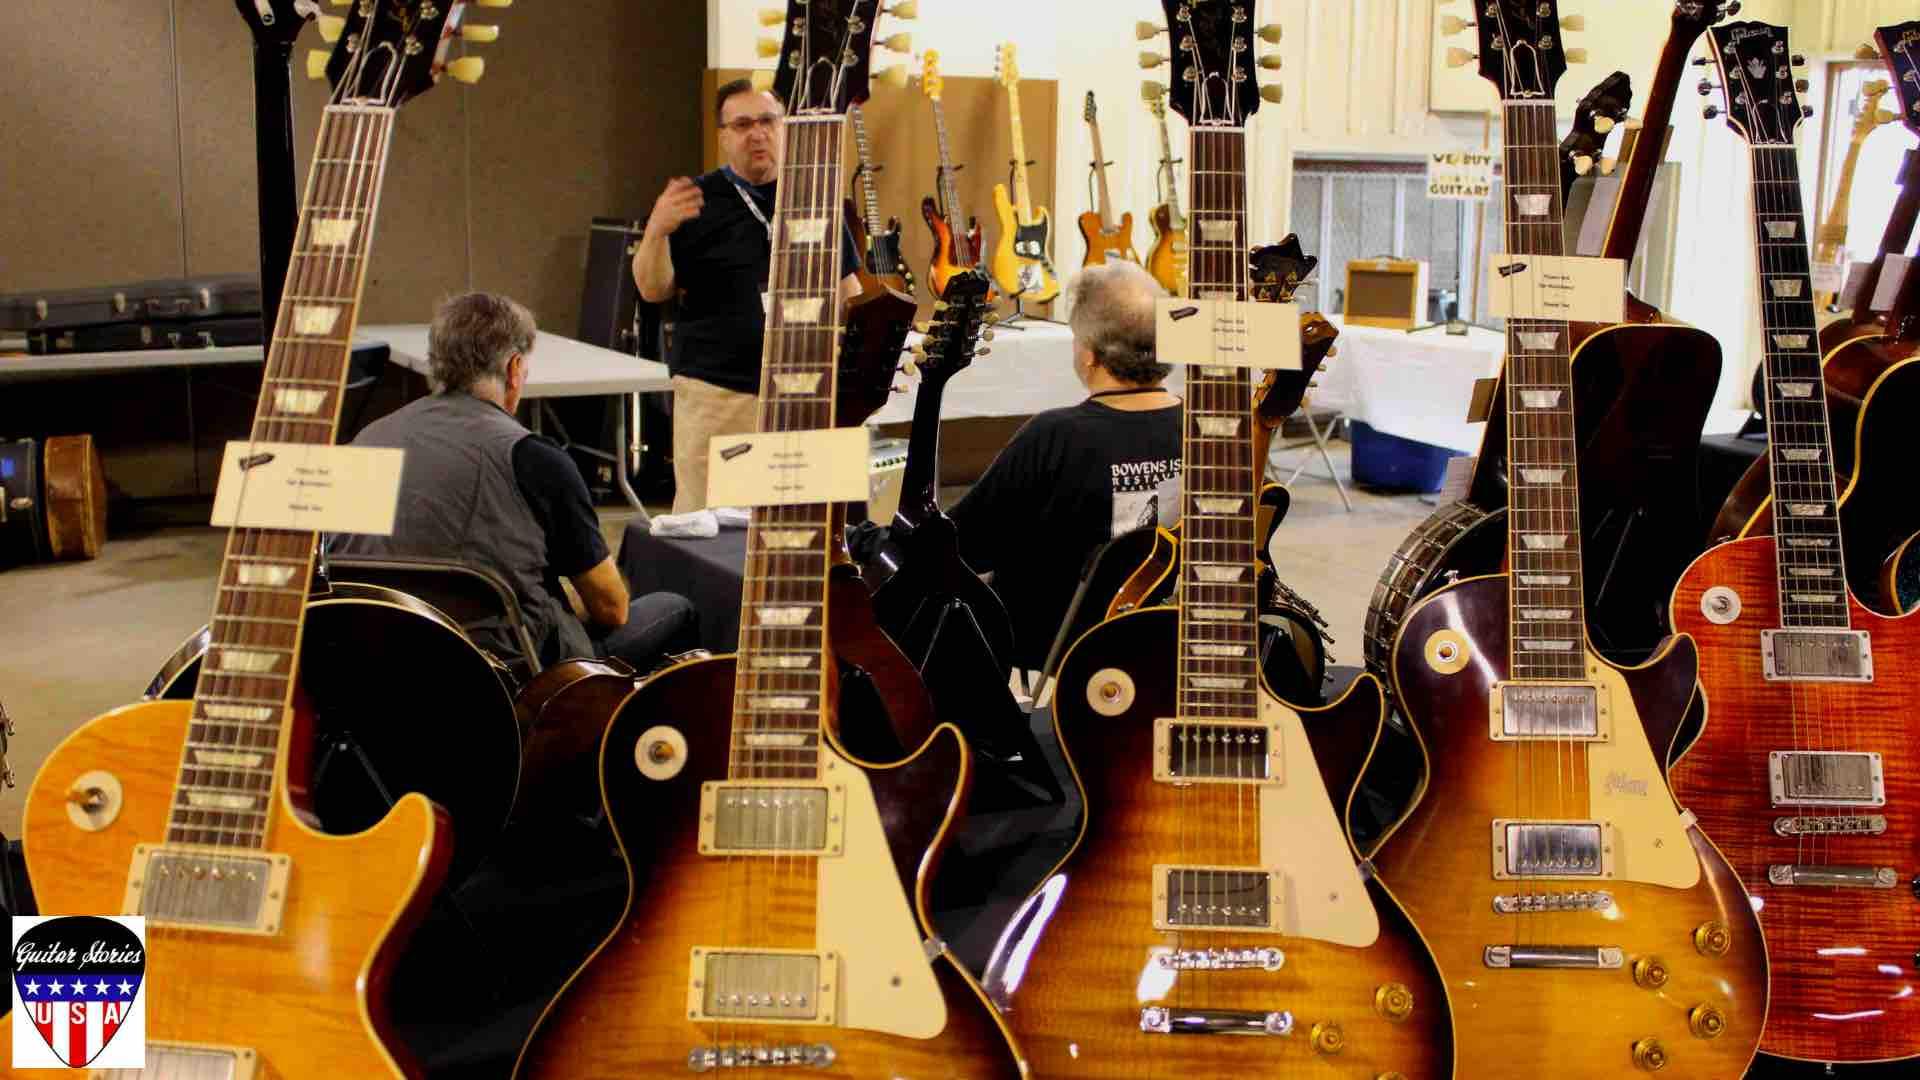 Les Pauls a Guitar Show.jpg